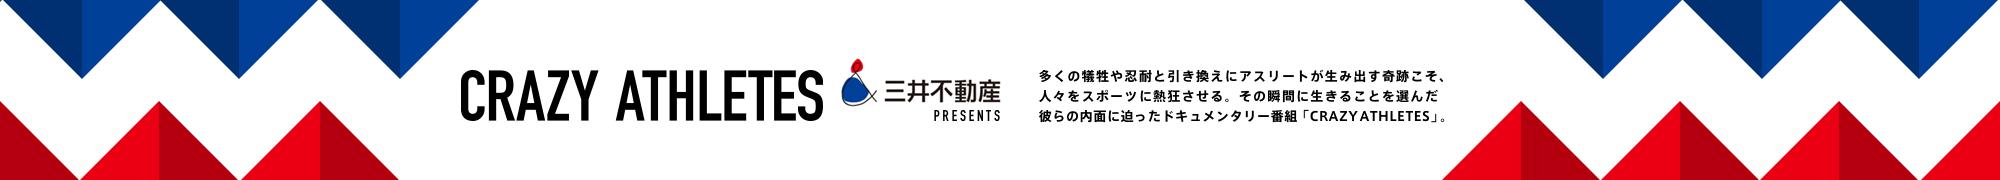 日本人初のNBAプレーヤーで、栃木ブレックスを見事Bリーグ初代チャンピオンに導いた田臥勇太に独占インタビューを敢行。4回に分けてお送りする。最終回のVol.4では、「ドラマを生みや…